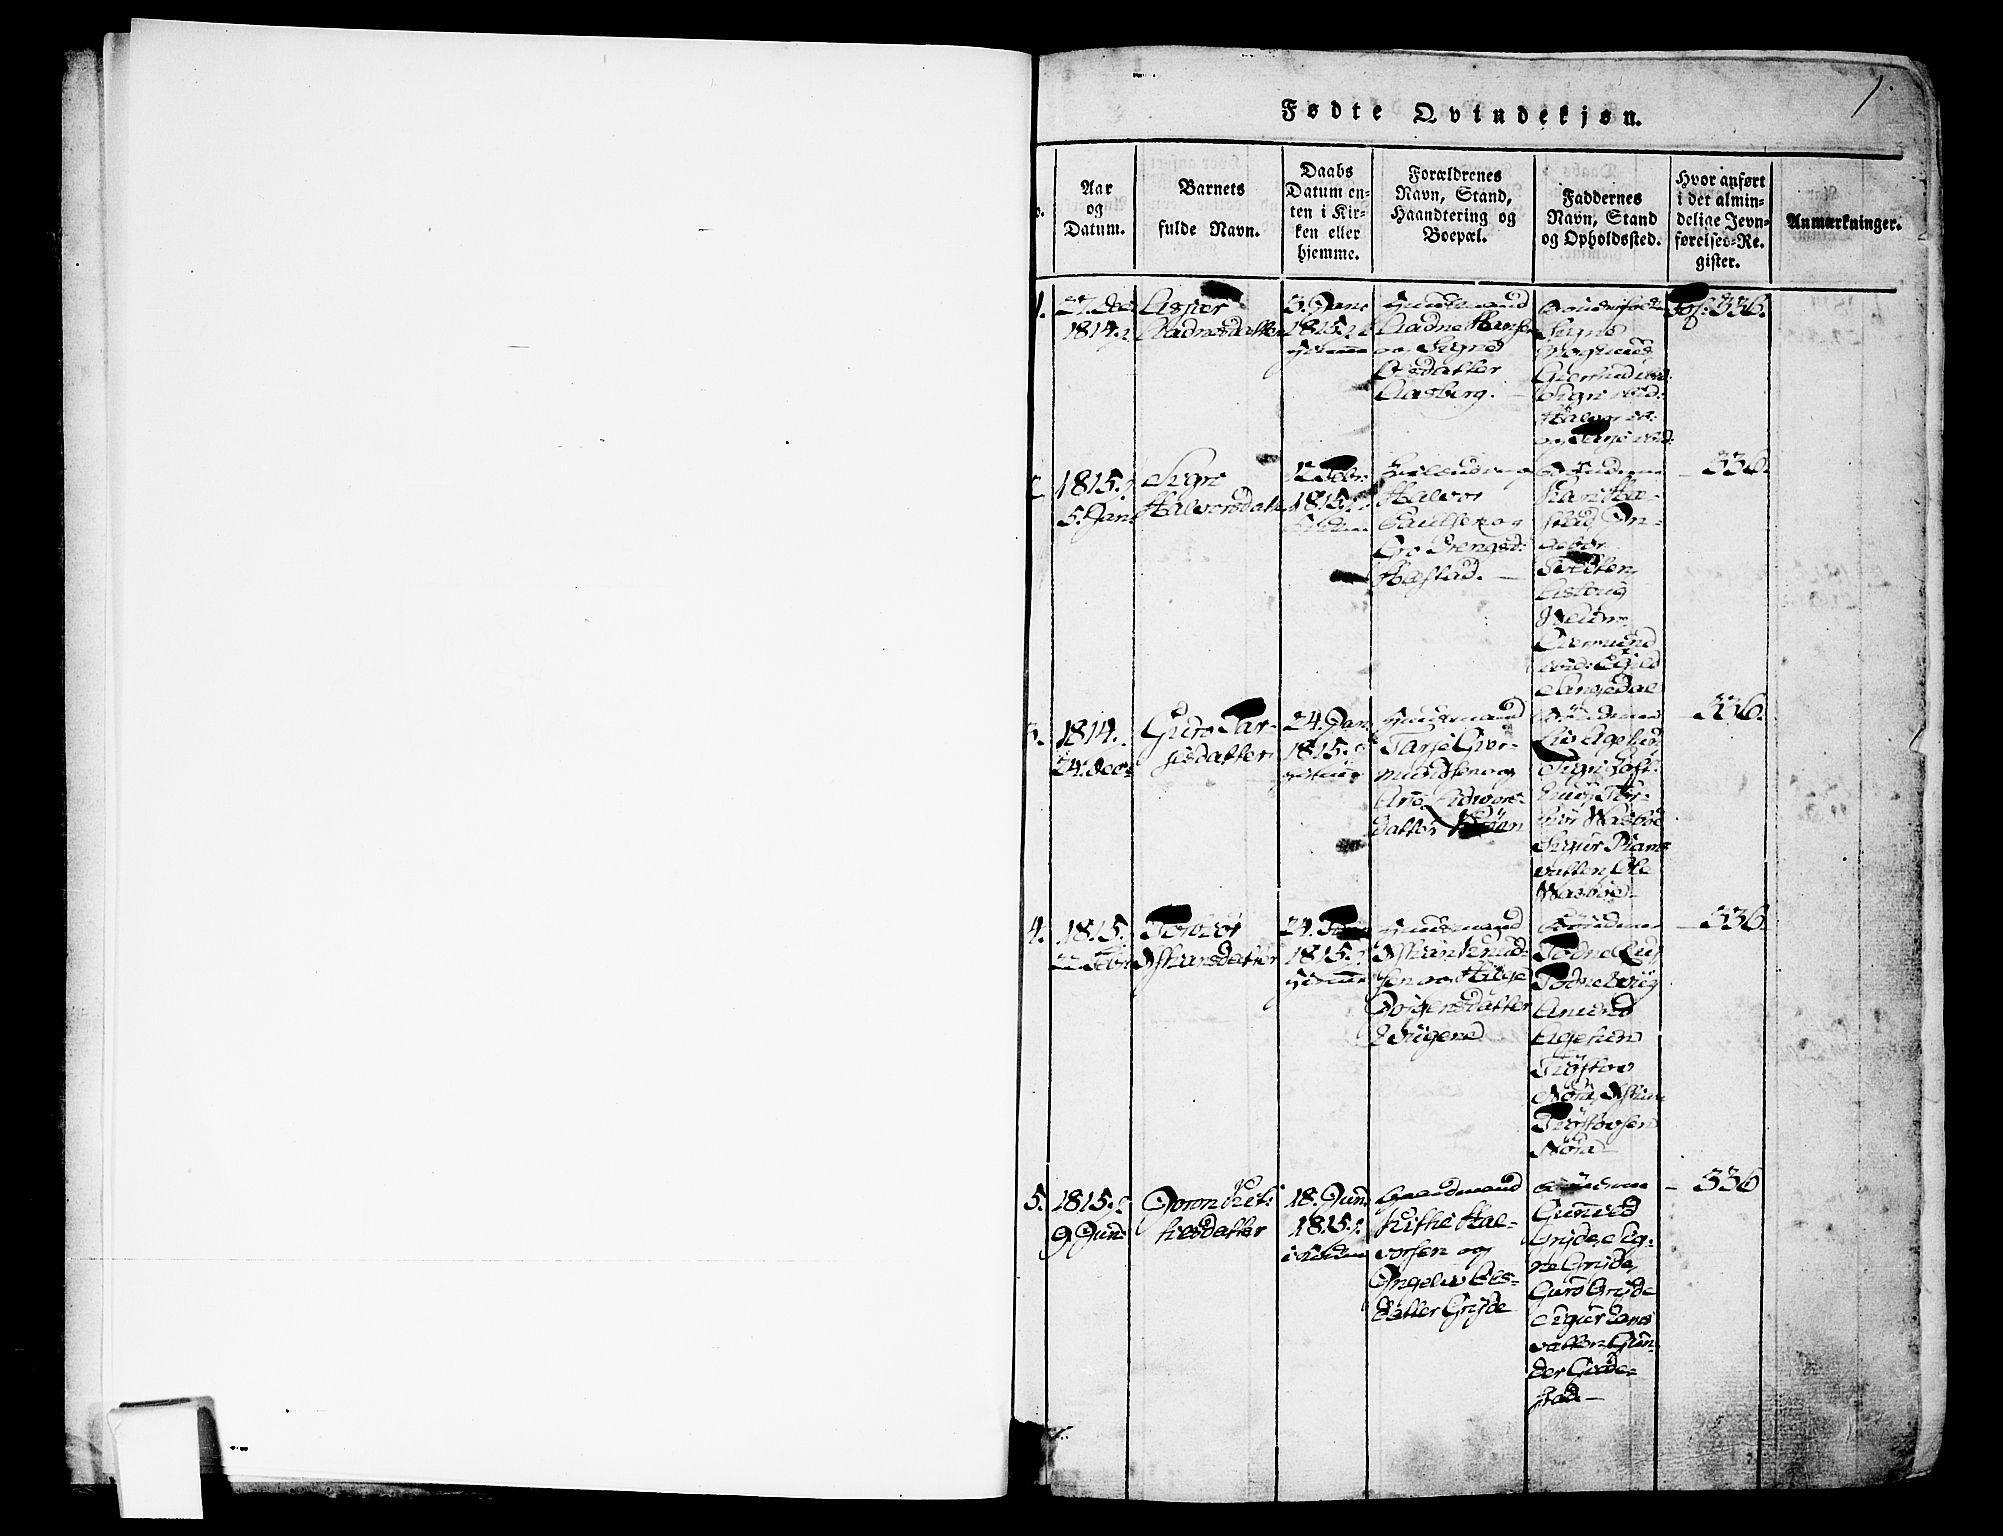 SAKO, Fyresdal kirkebøker, F/Fa/L0003: Ministerialbok nr. I 3, 1815-1840, s. 1